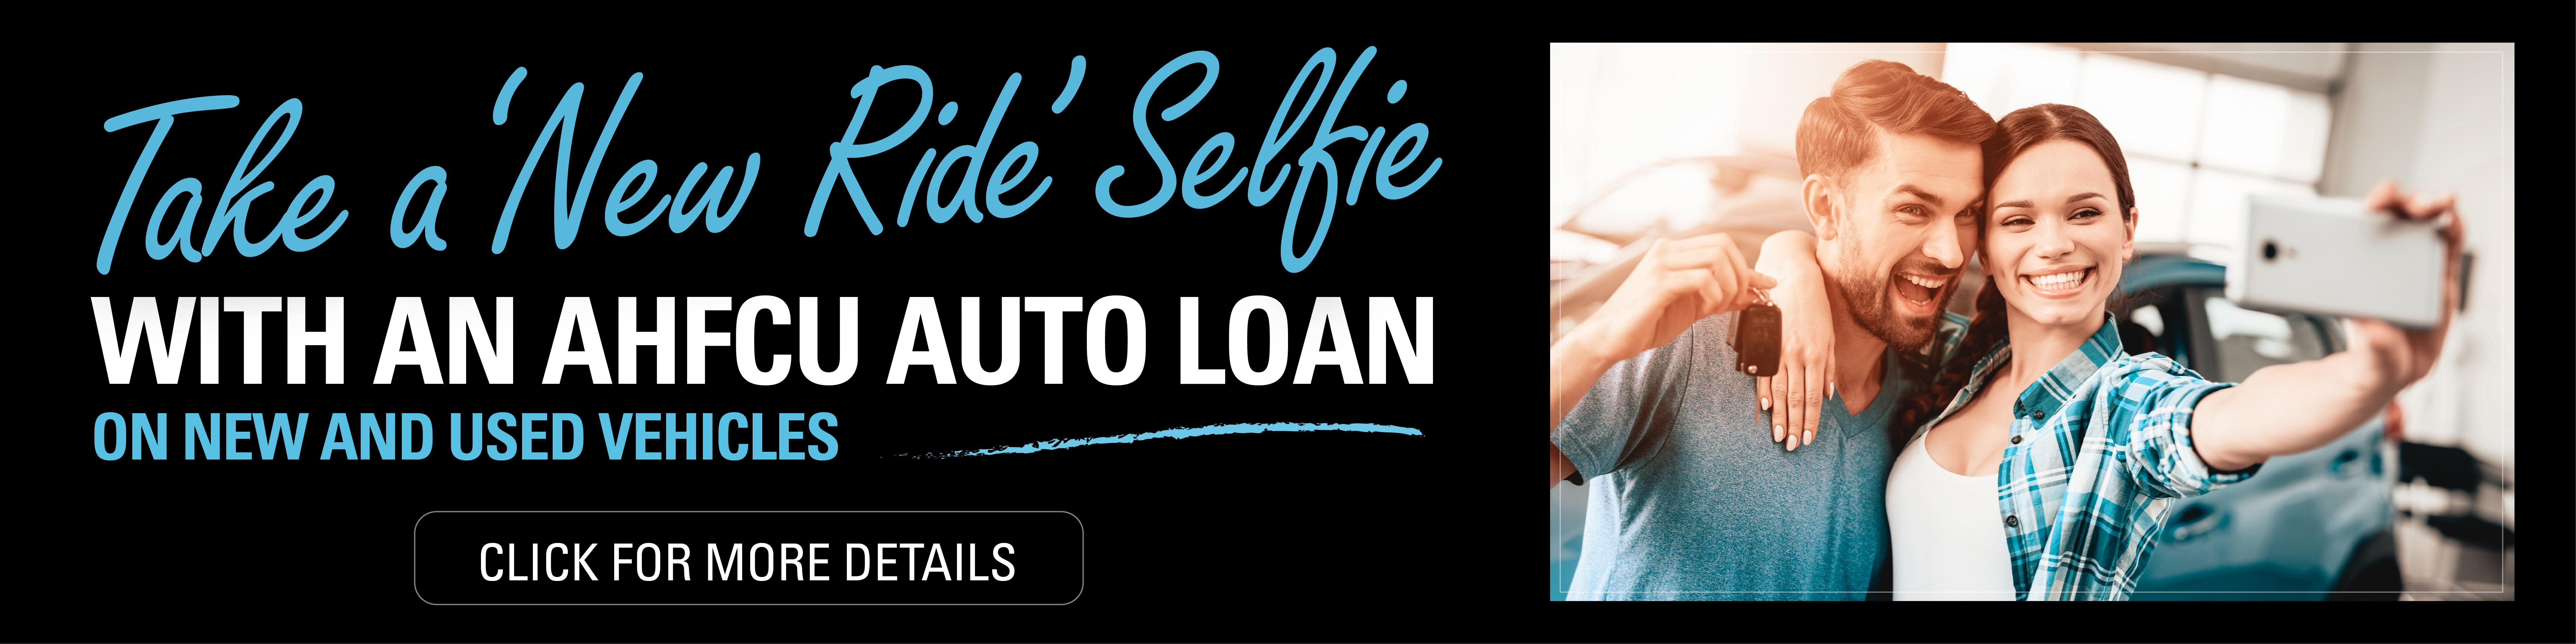 AHFCU auto loan